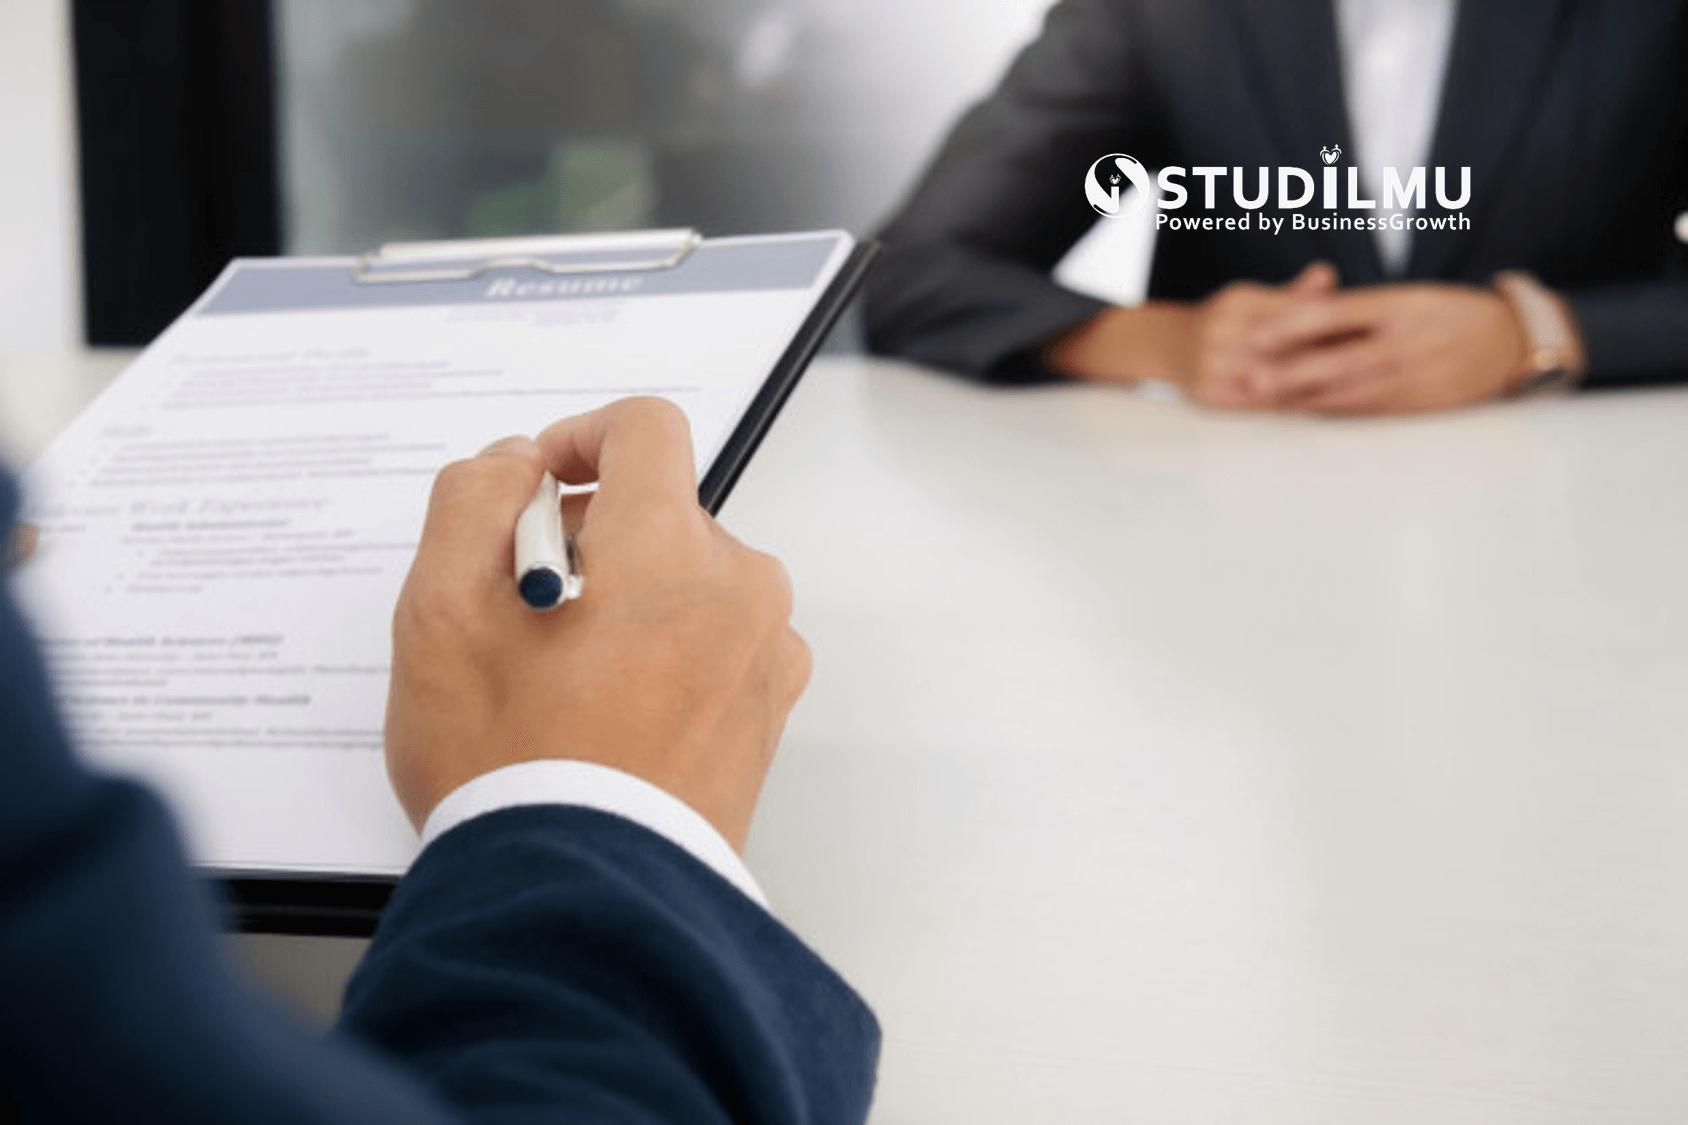 STUDILMU Career Advice - 4 Alasan Jangan Pernah Merekrut Anggota Keluarga